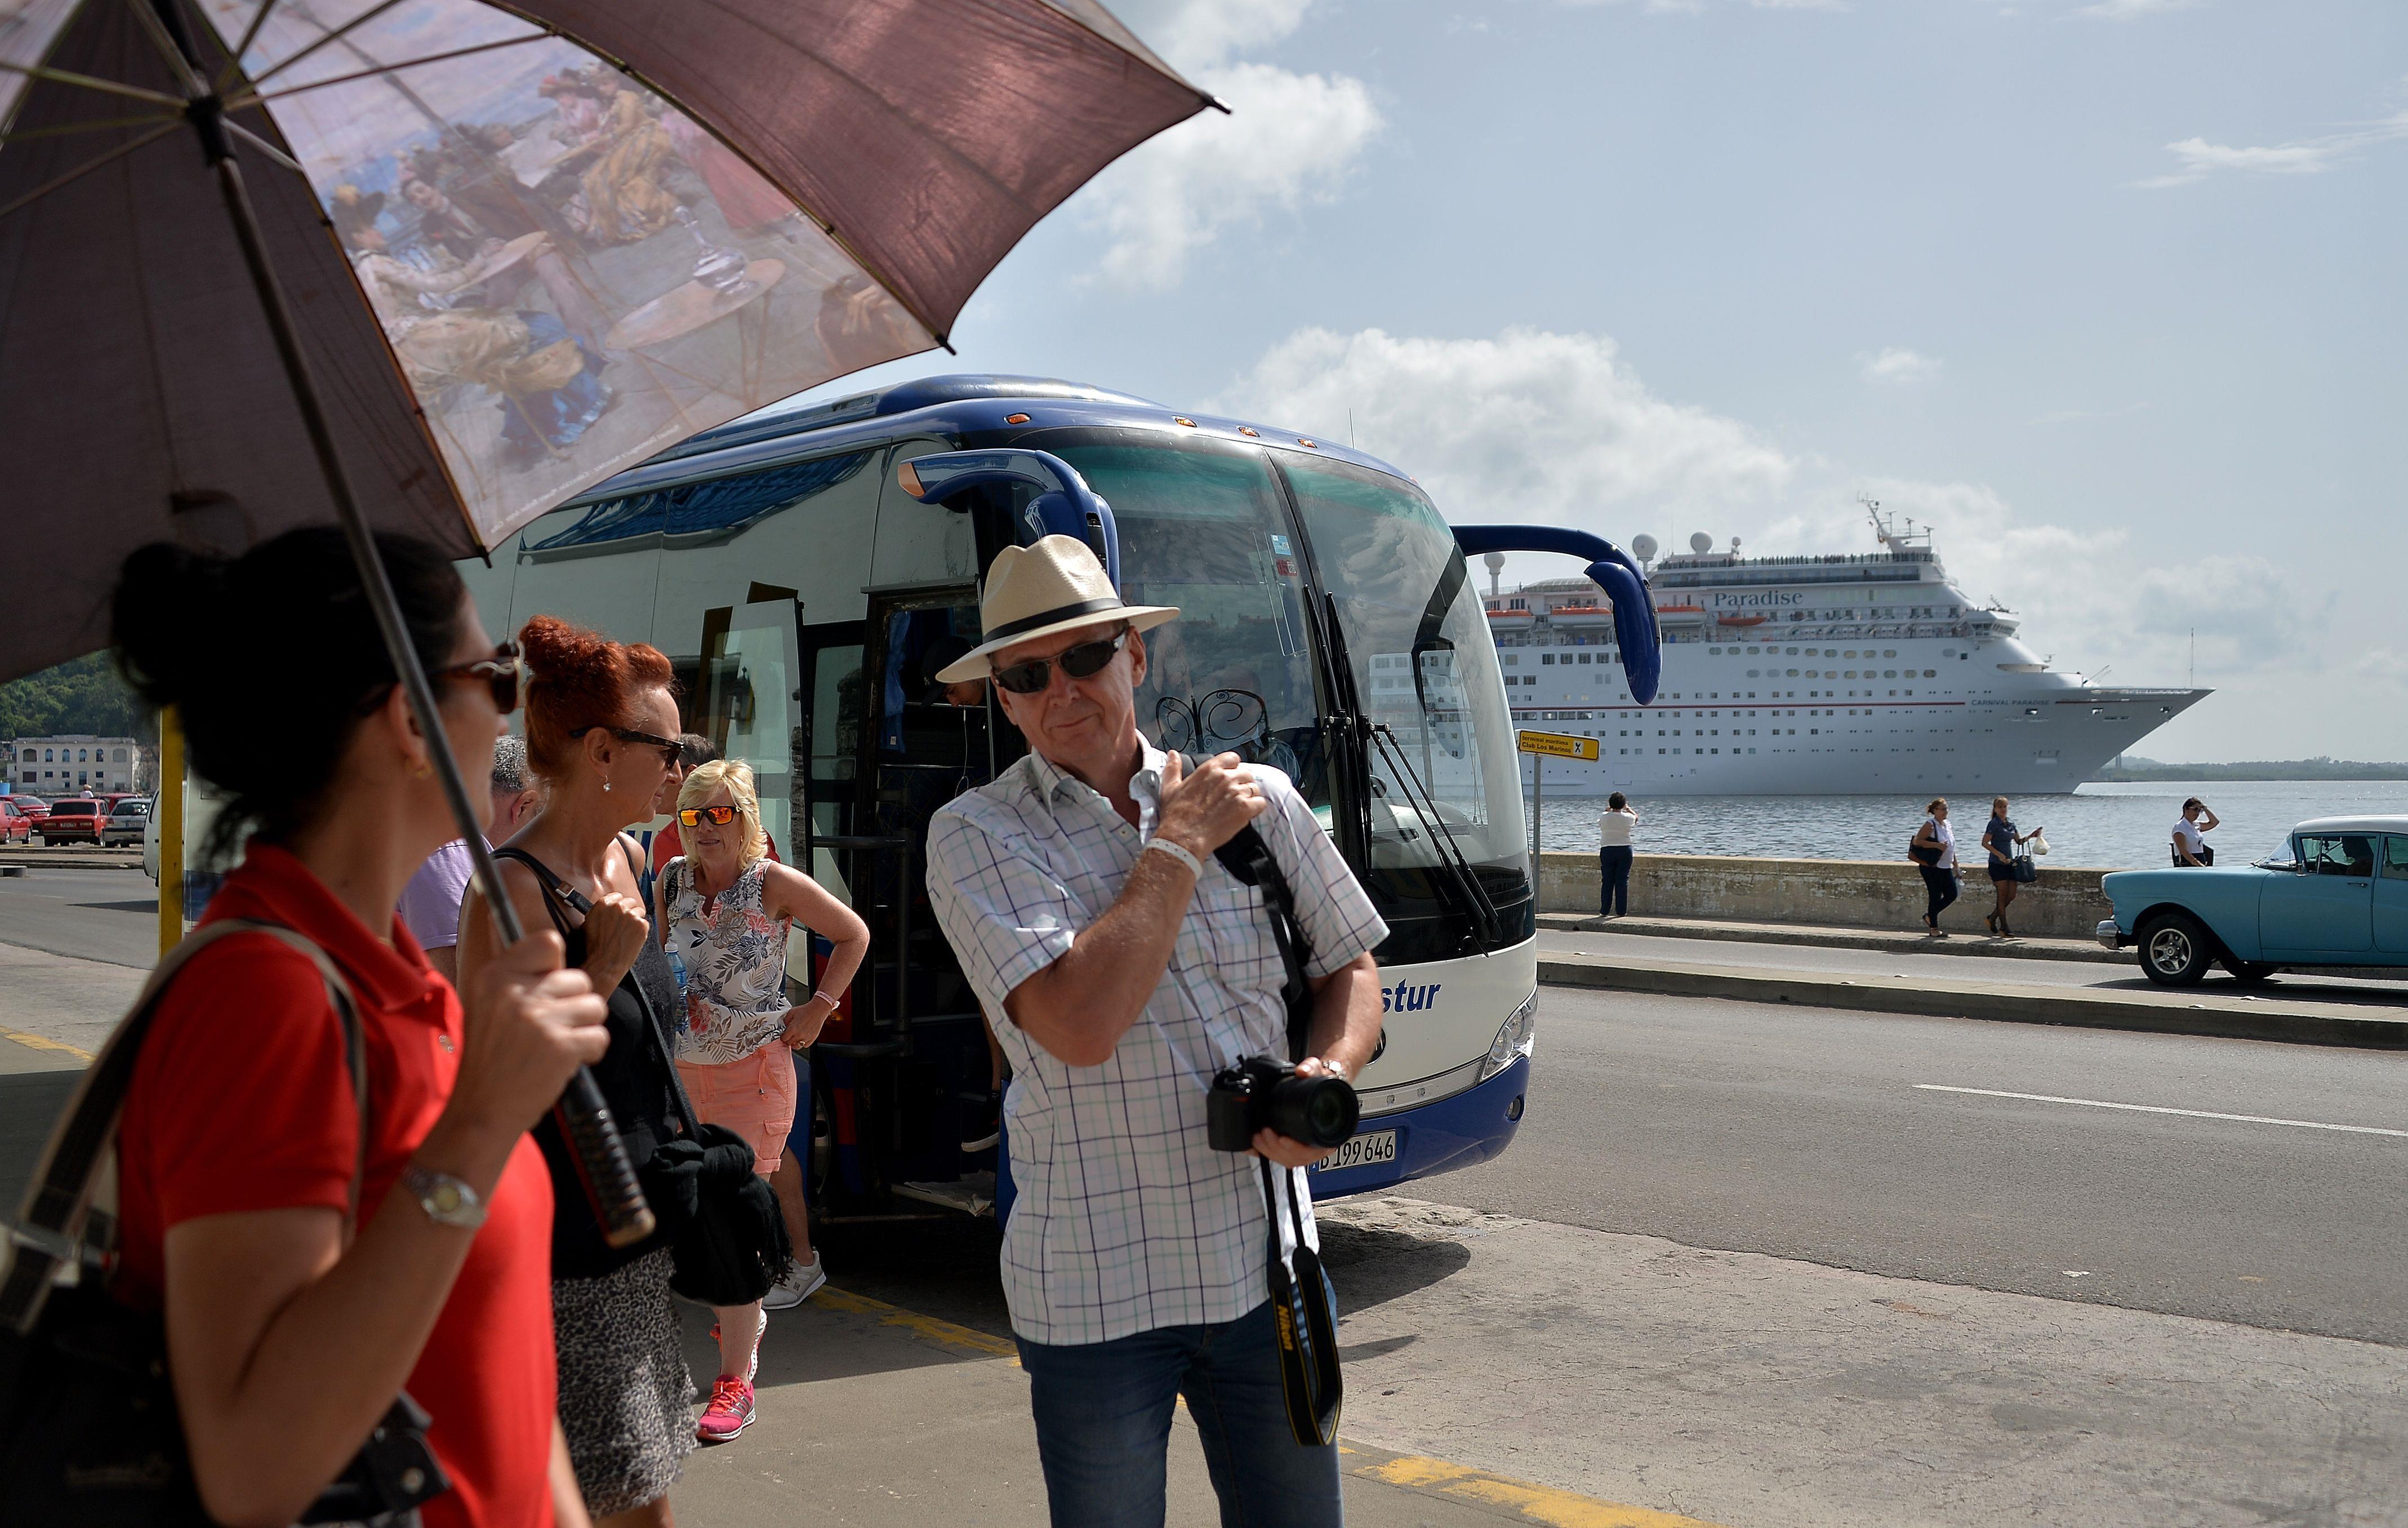 Des touristes descendent d'un autocar nolisé devant un bateau de croisière à La Havane, le 10 août 2018.